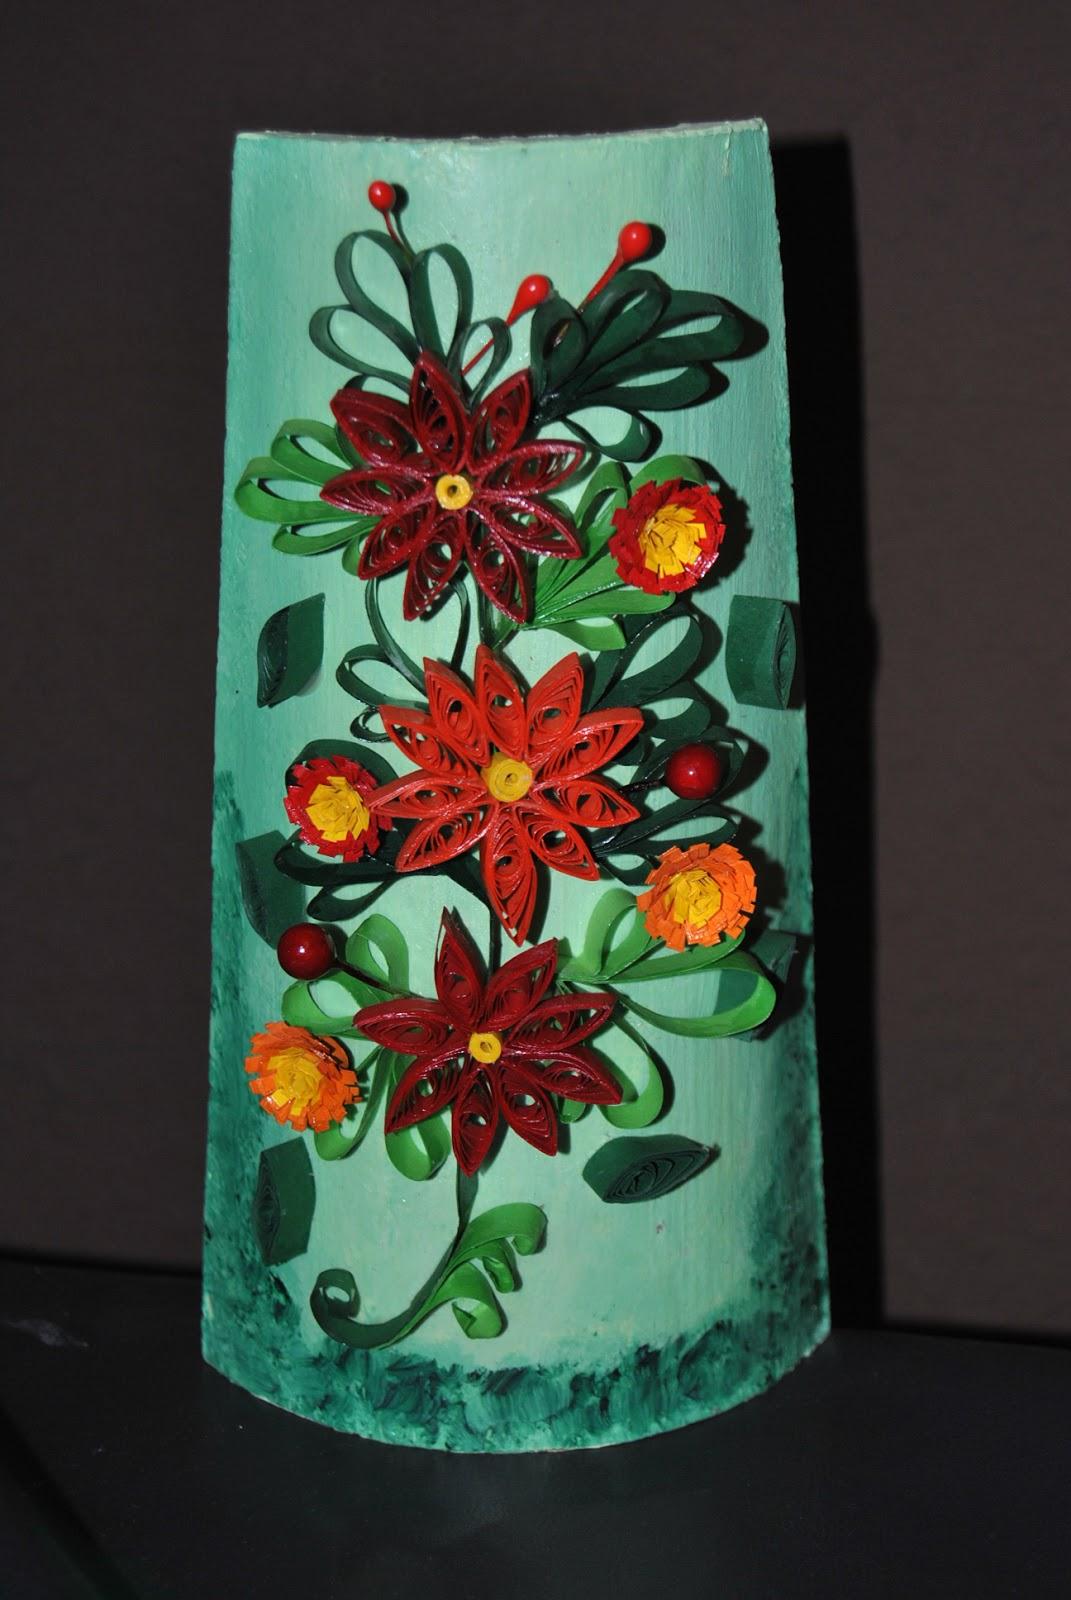 Manualidades el rinconcito de maly teja decorada con flores - Tejas pequenas decoradas ...